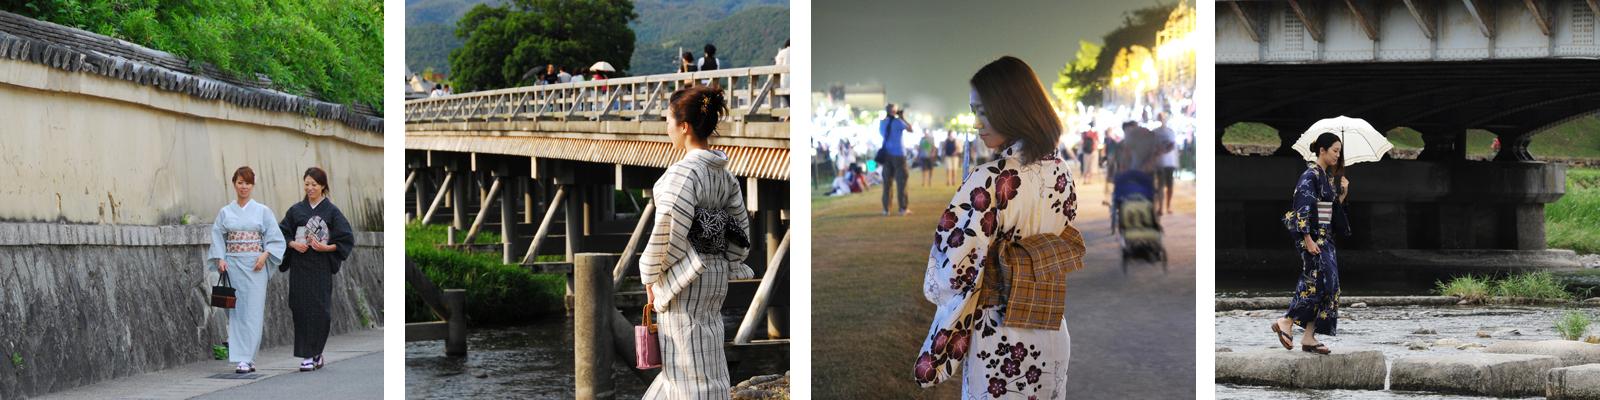 京都の夏のオトナの浴衣レンタル